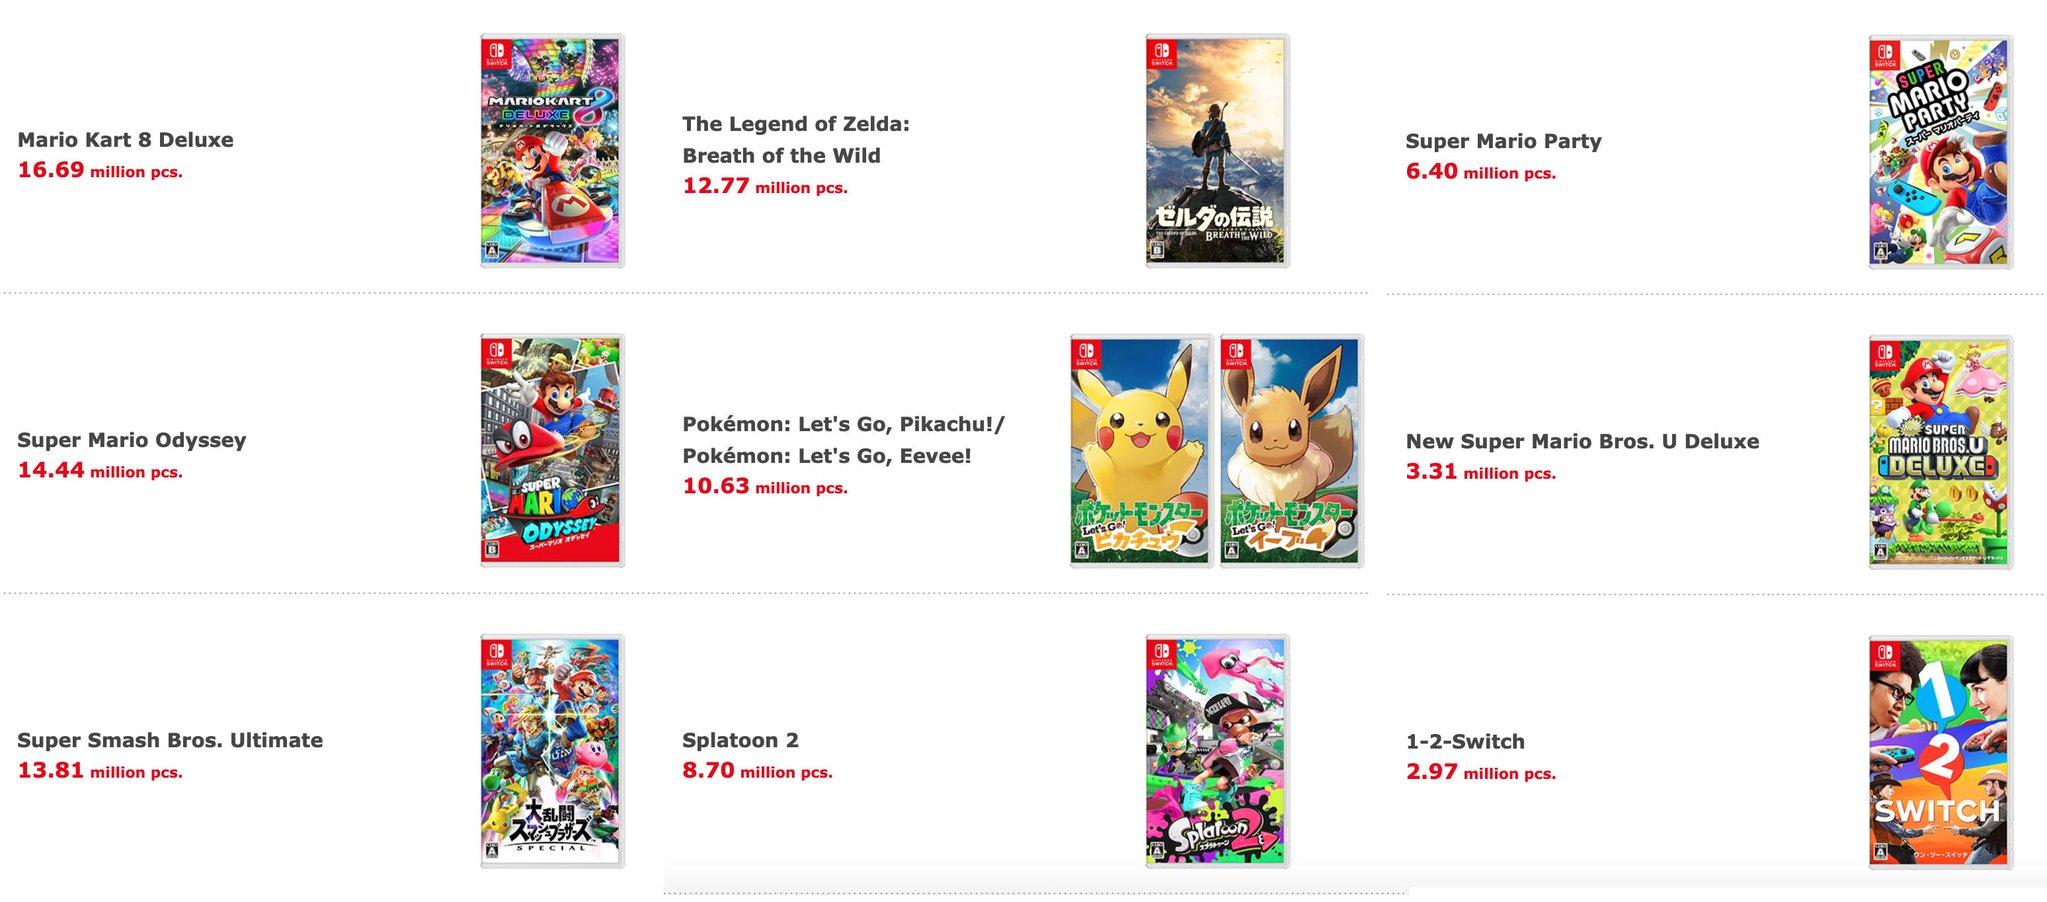 Nintendo Switch actualiza sus datos de venta ¿Cuál es su juego más popular?